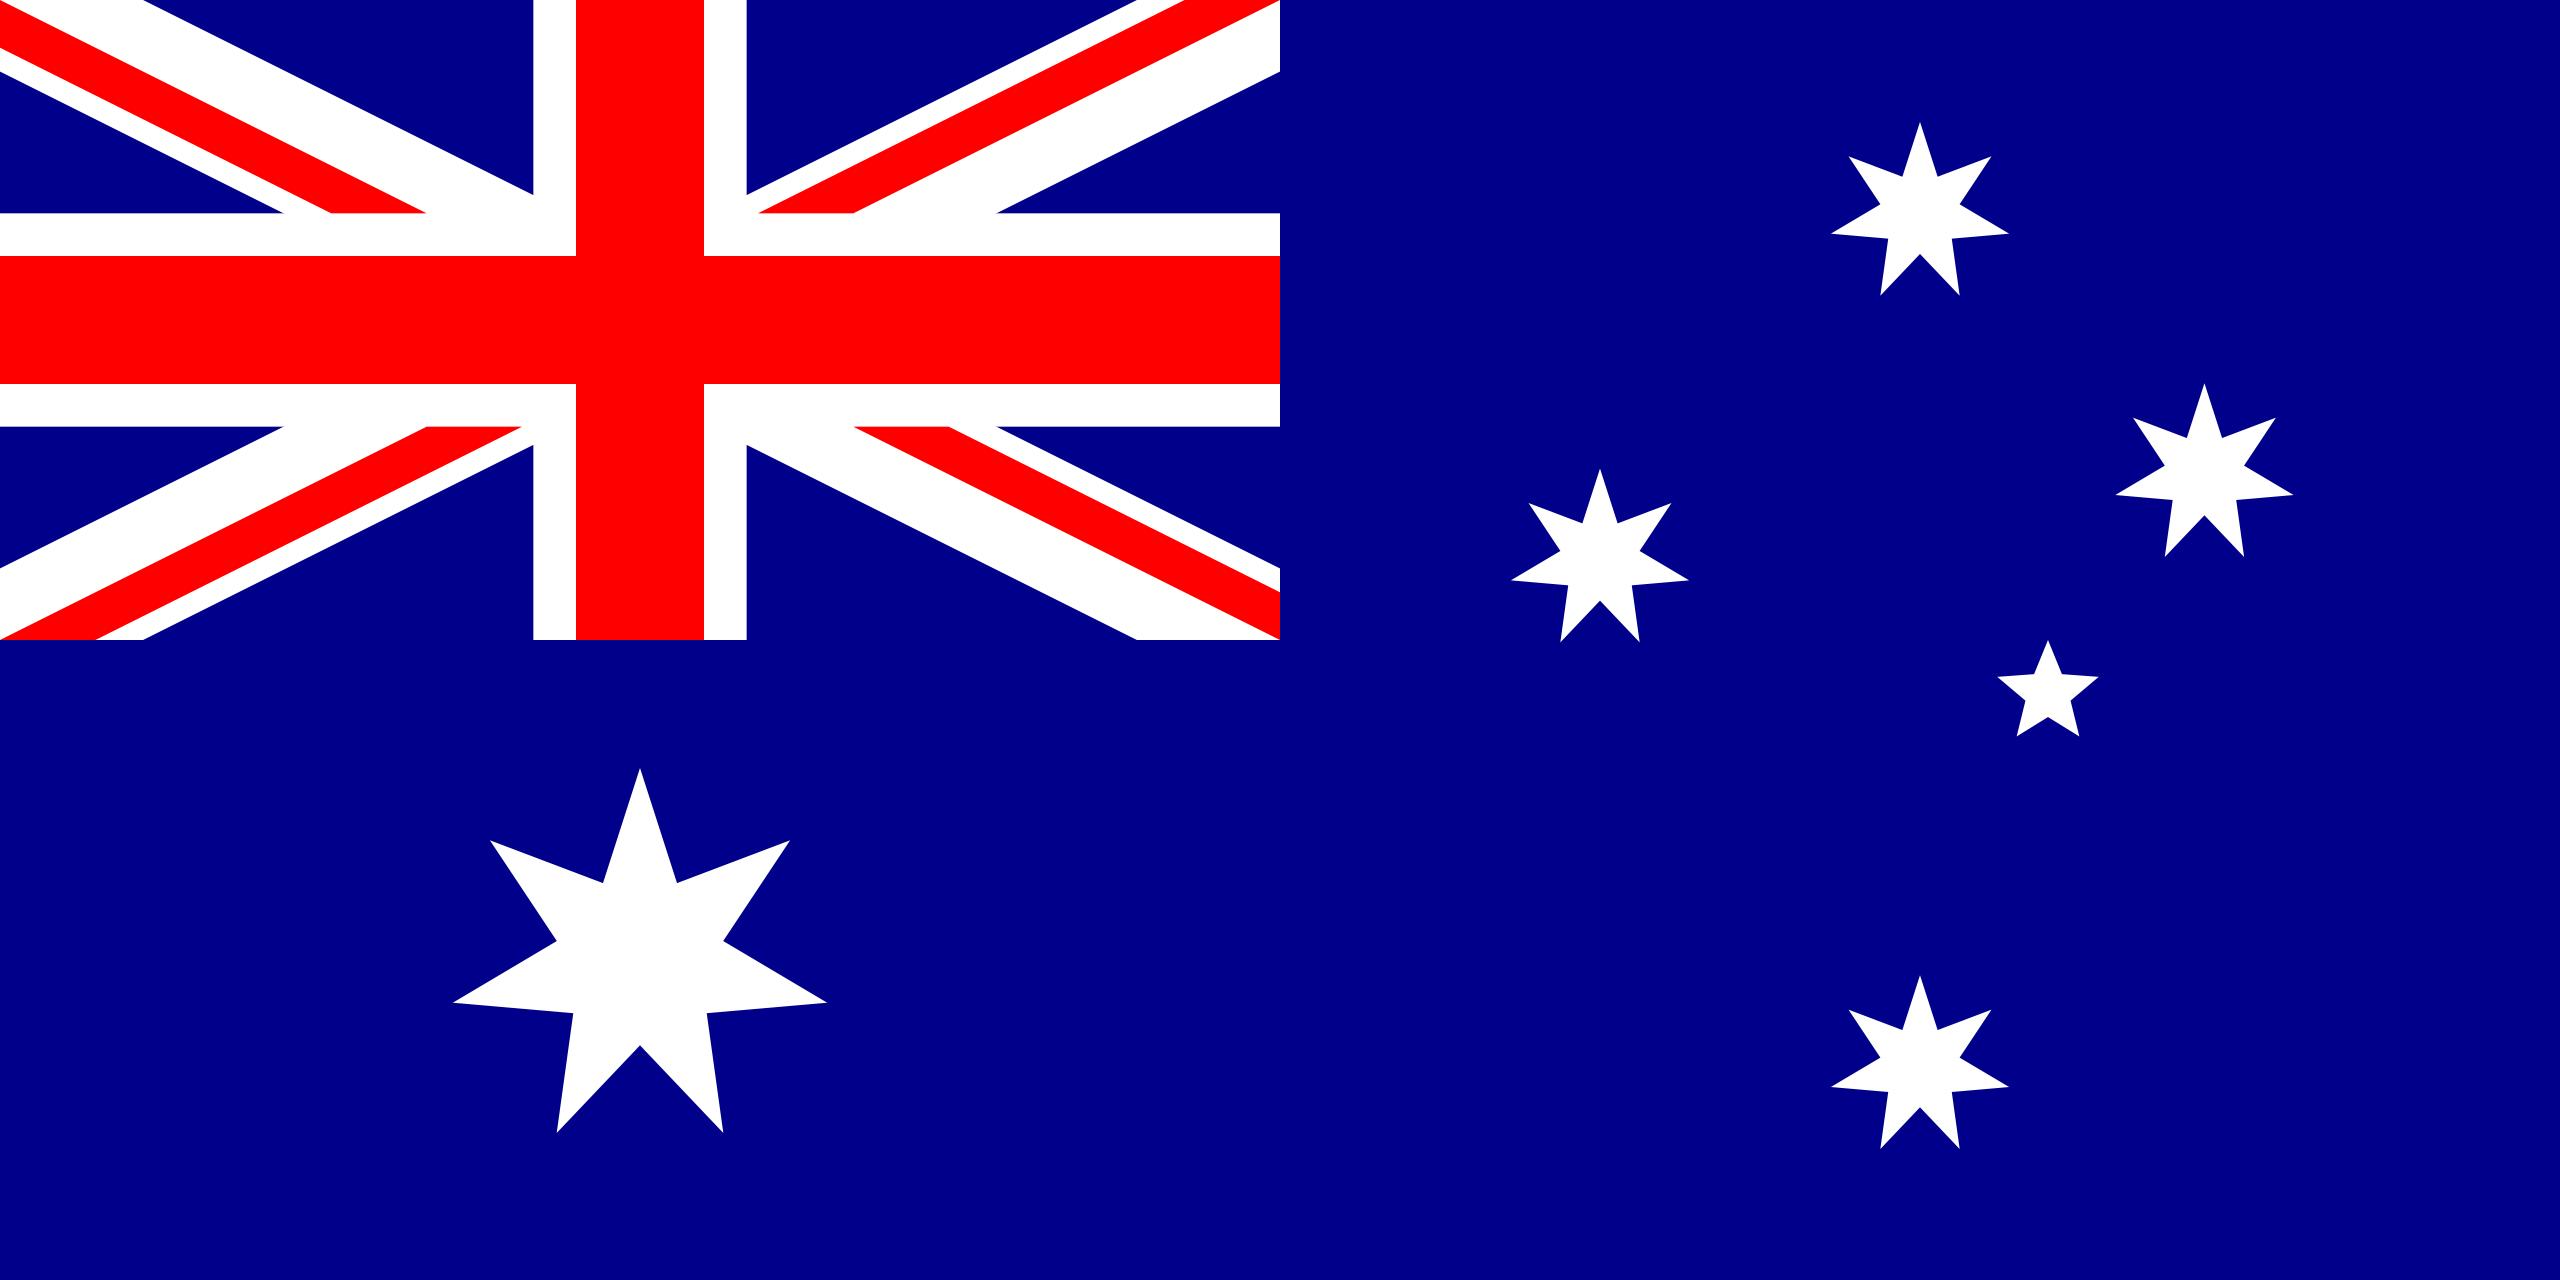 Australie, pays, emblème, logo, symbole - Fonds d'écran HD - Professor-falken.com